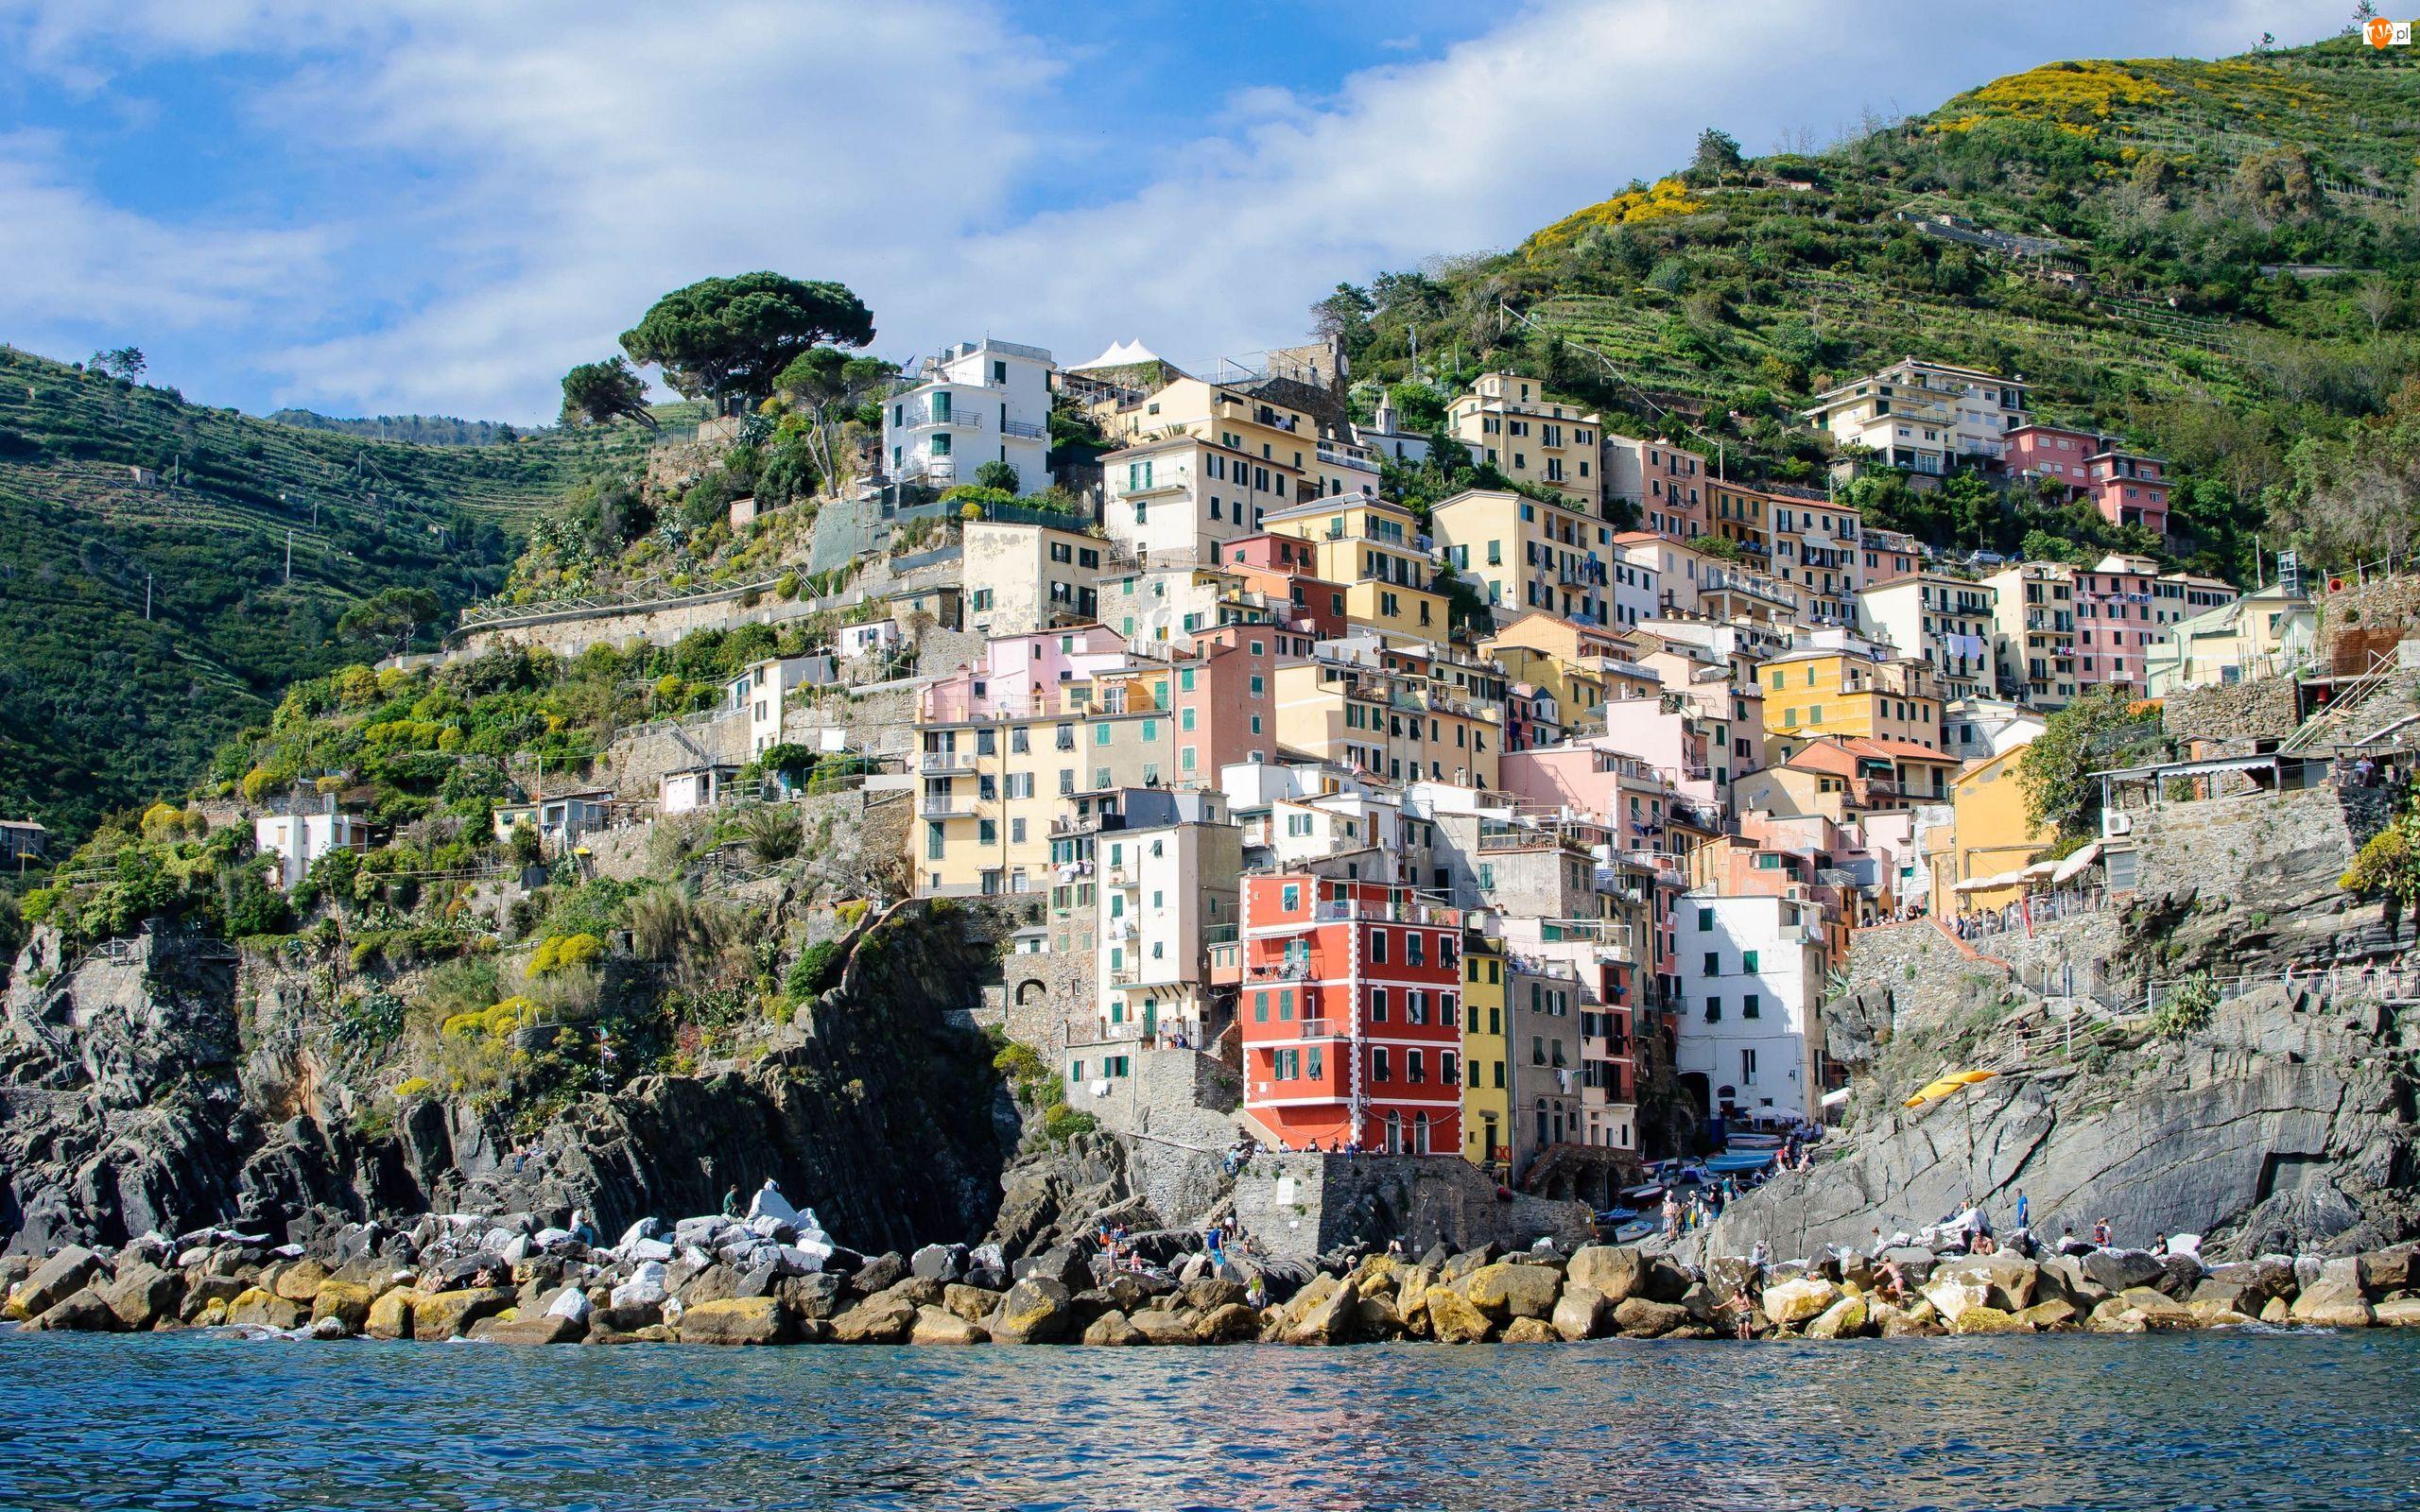 Domy, Włochy, Morze Liguryjskie, Skała, Riomaggiore